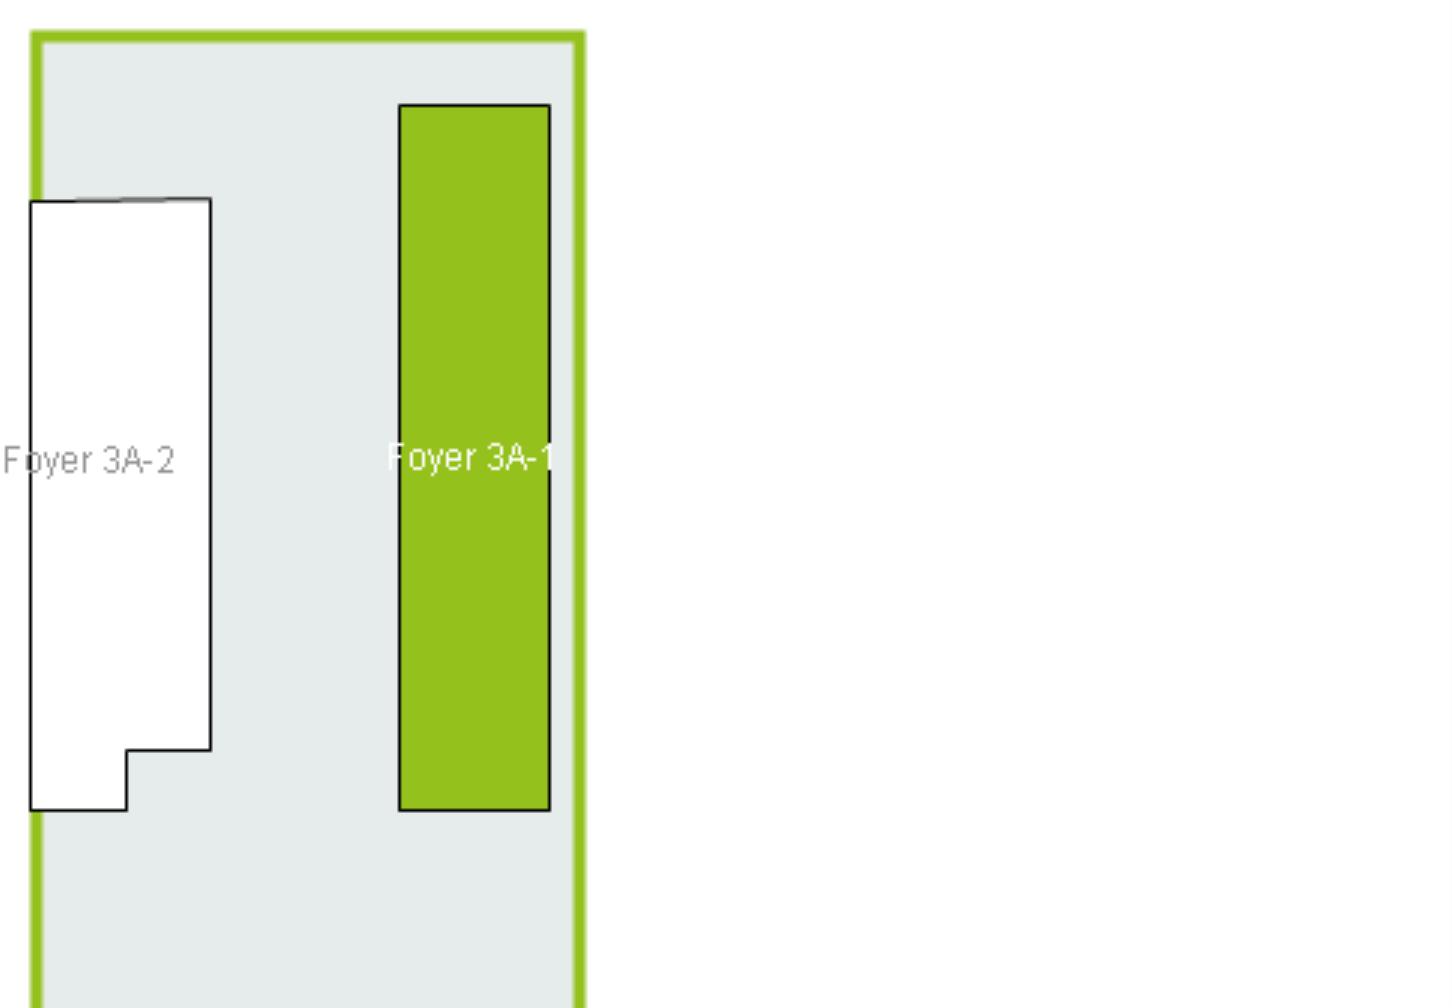 Ü3A4A / Foyer 3A-1